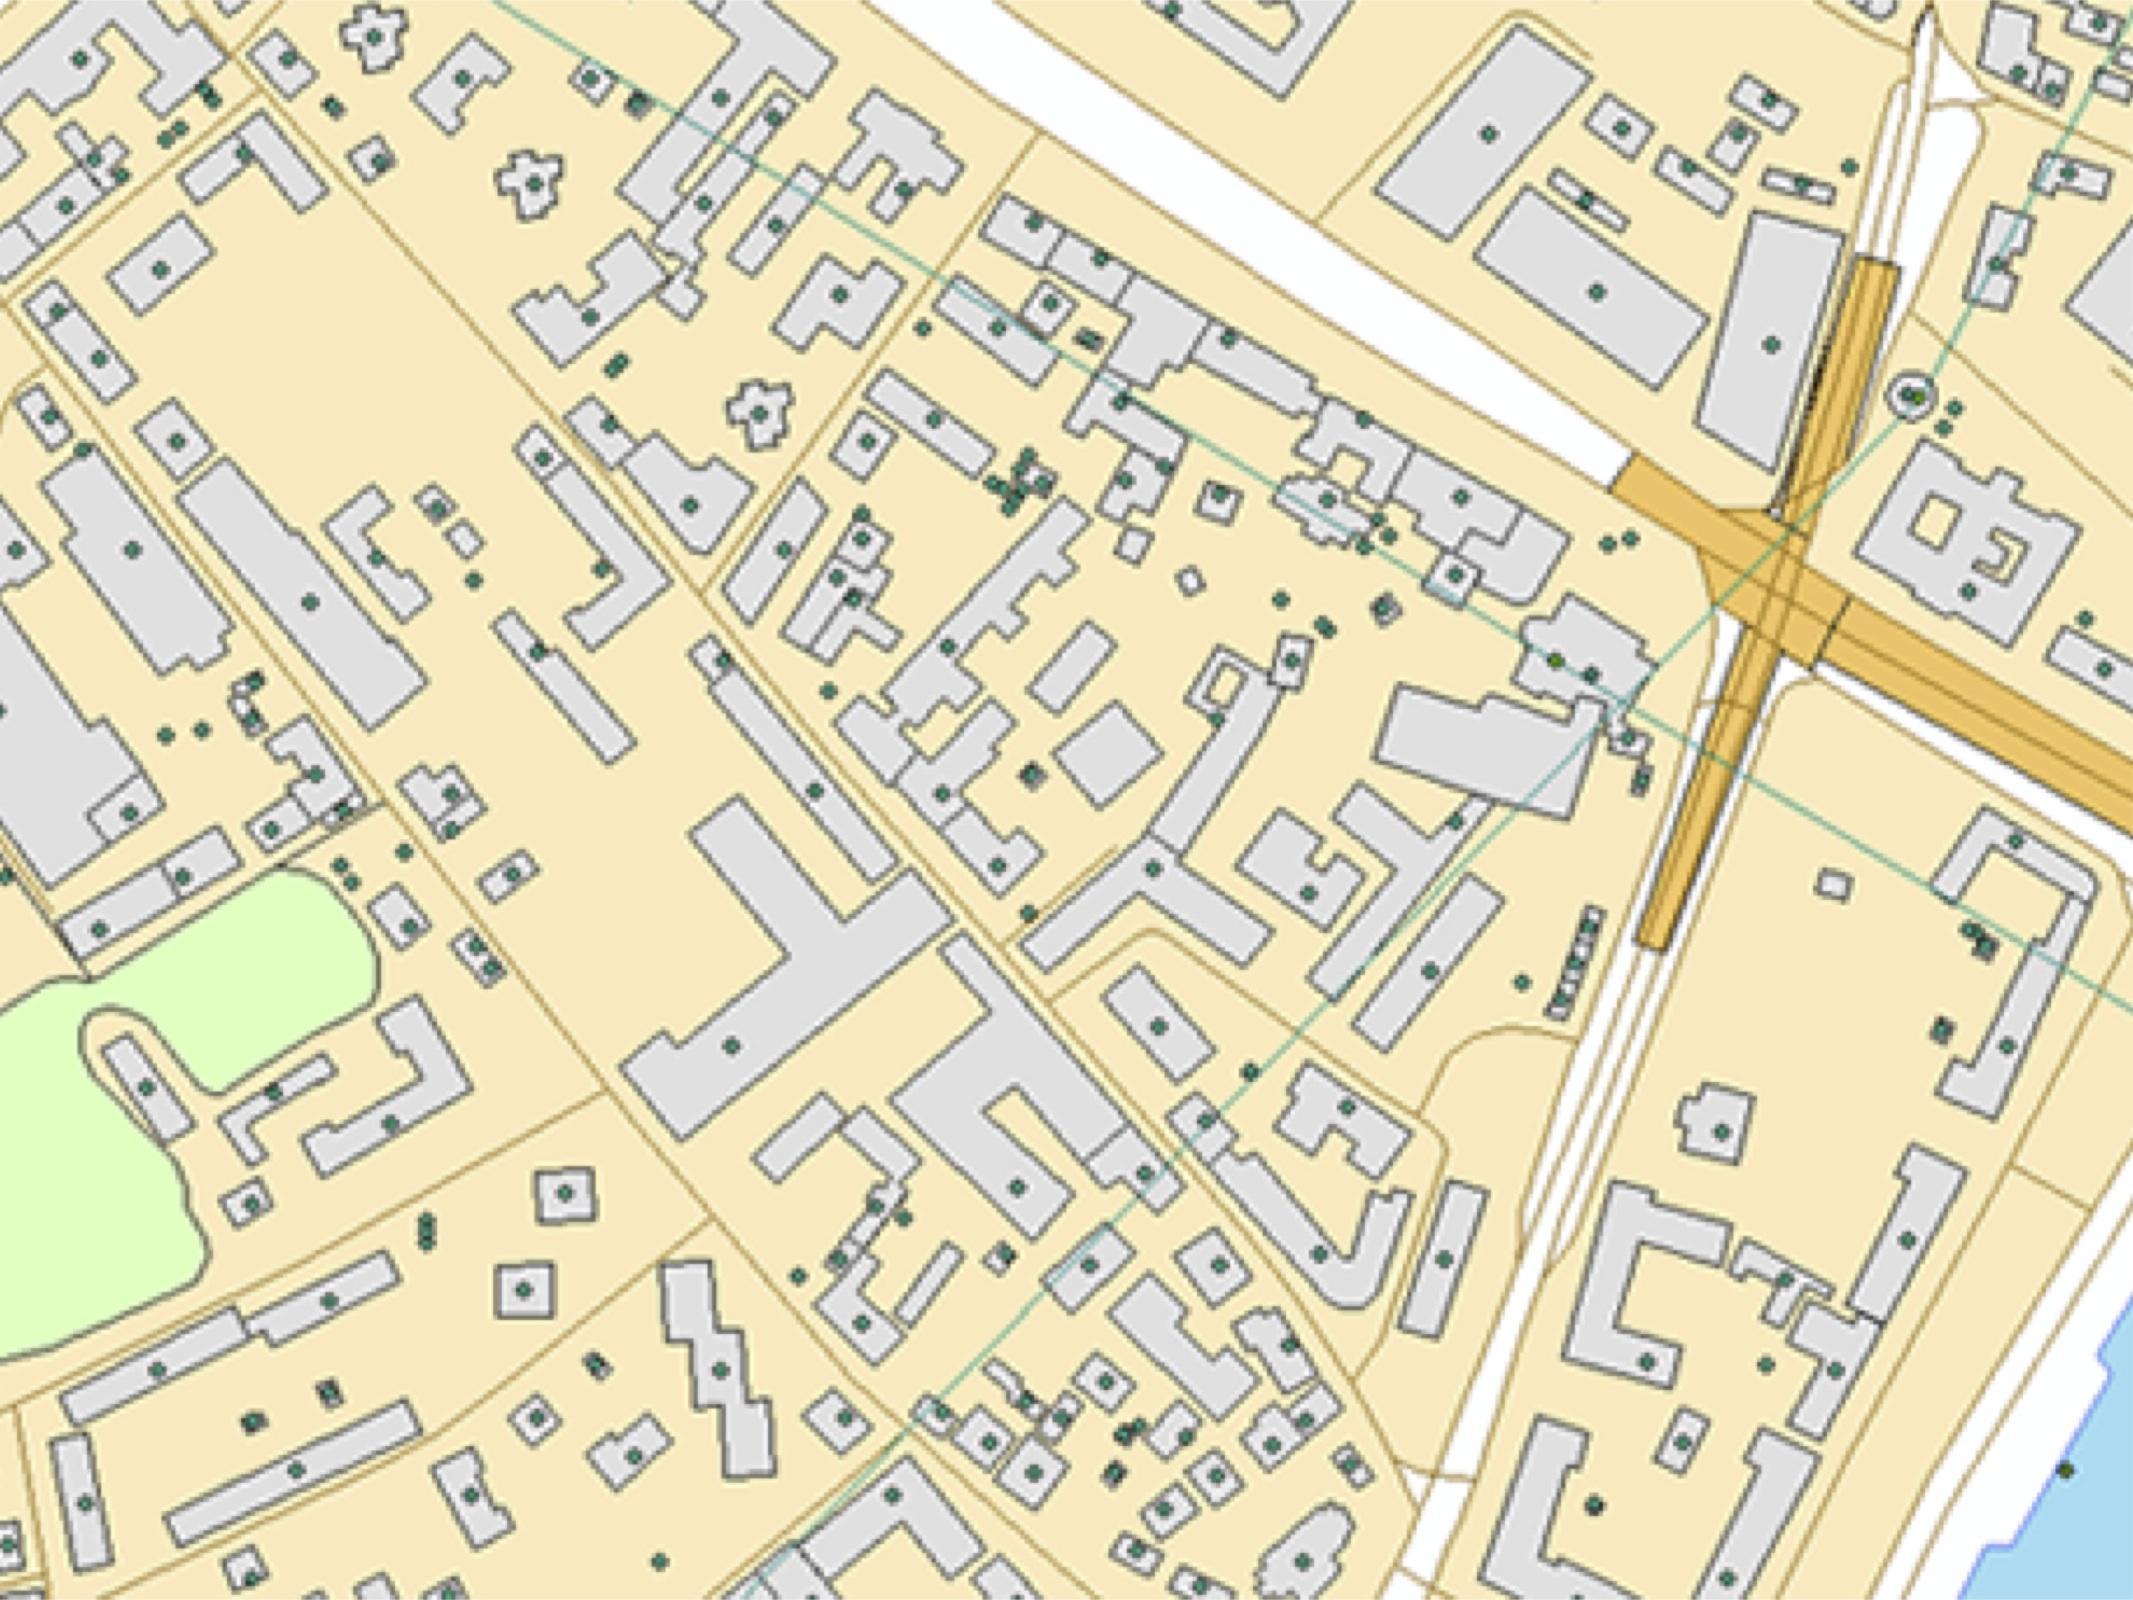 Что означают цвета на яндекс карте